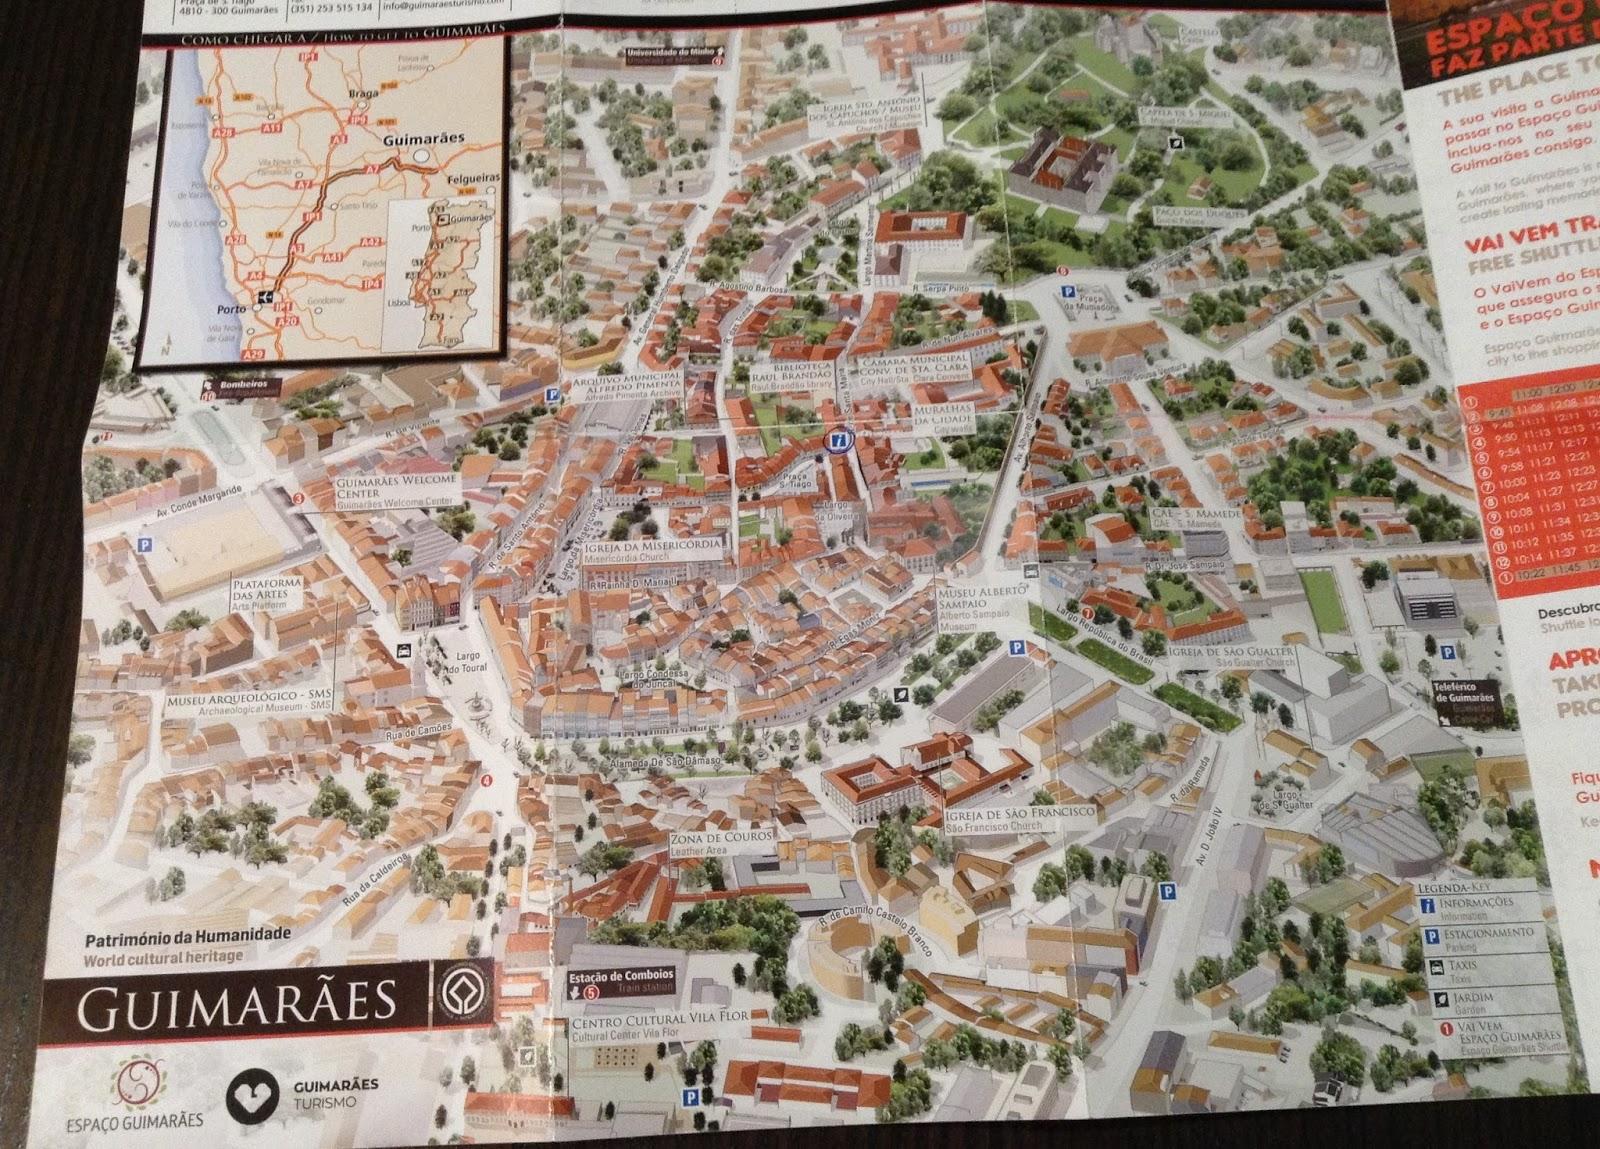 mapa centro historico guimaraes Guimarães   Centro histórico   Viagens e Passeios mapa centro historico guimaraes